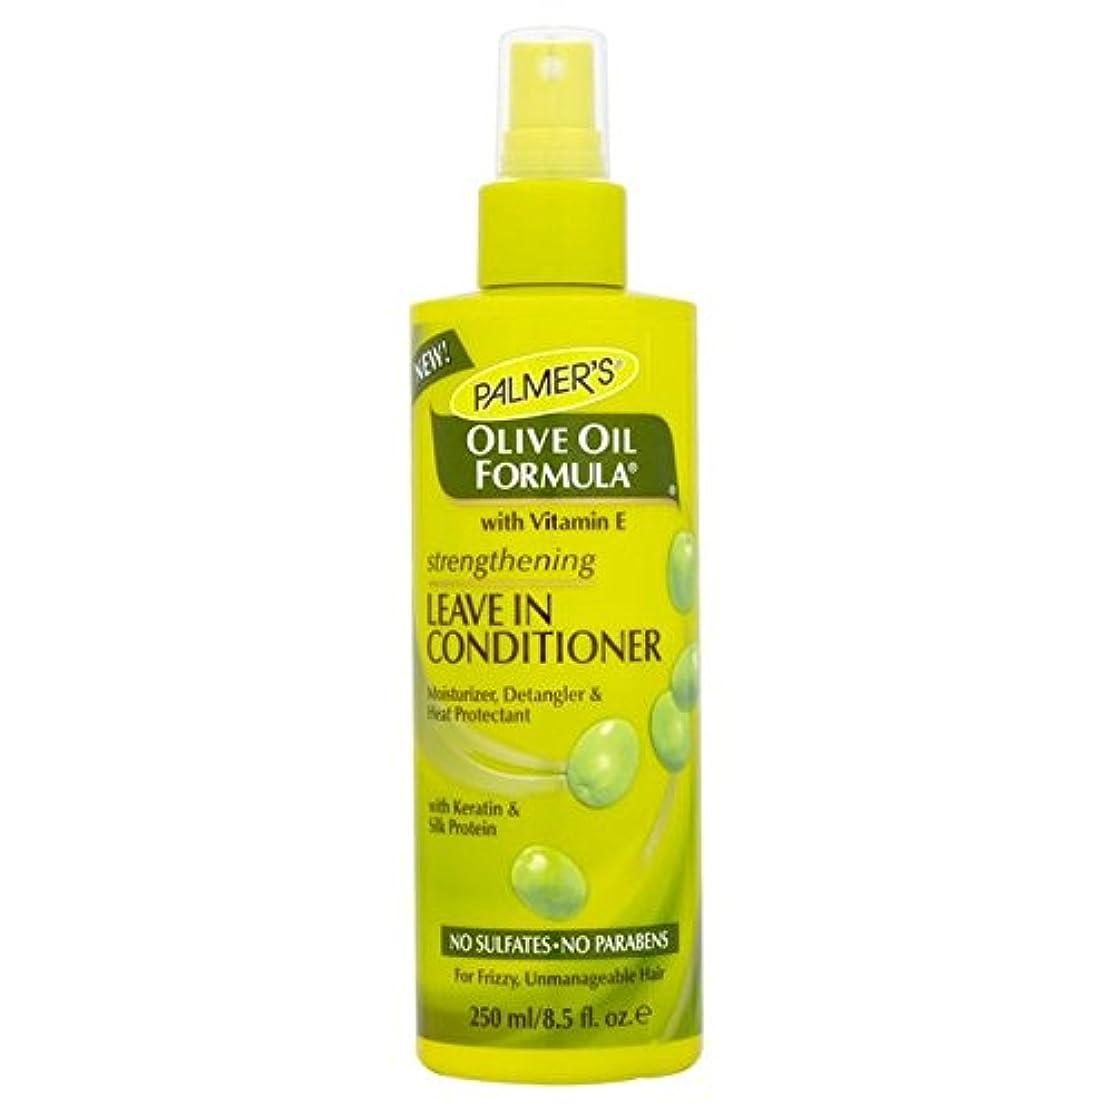 パトワ合併弱めるPalmer's Olive Oil Formula Strengthening Leave-in Conditioner 250ml (Pack of 6) - リーブインコンディショナー250を強化パーマーのオリーブオイル...